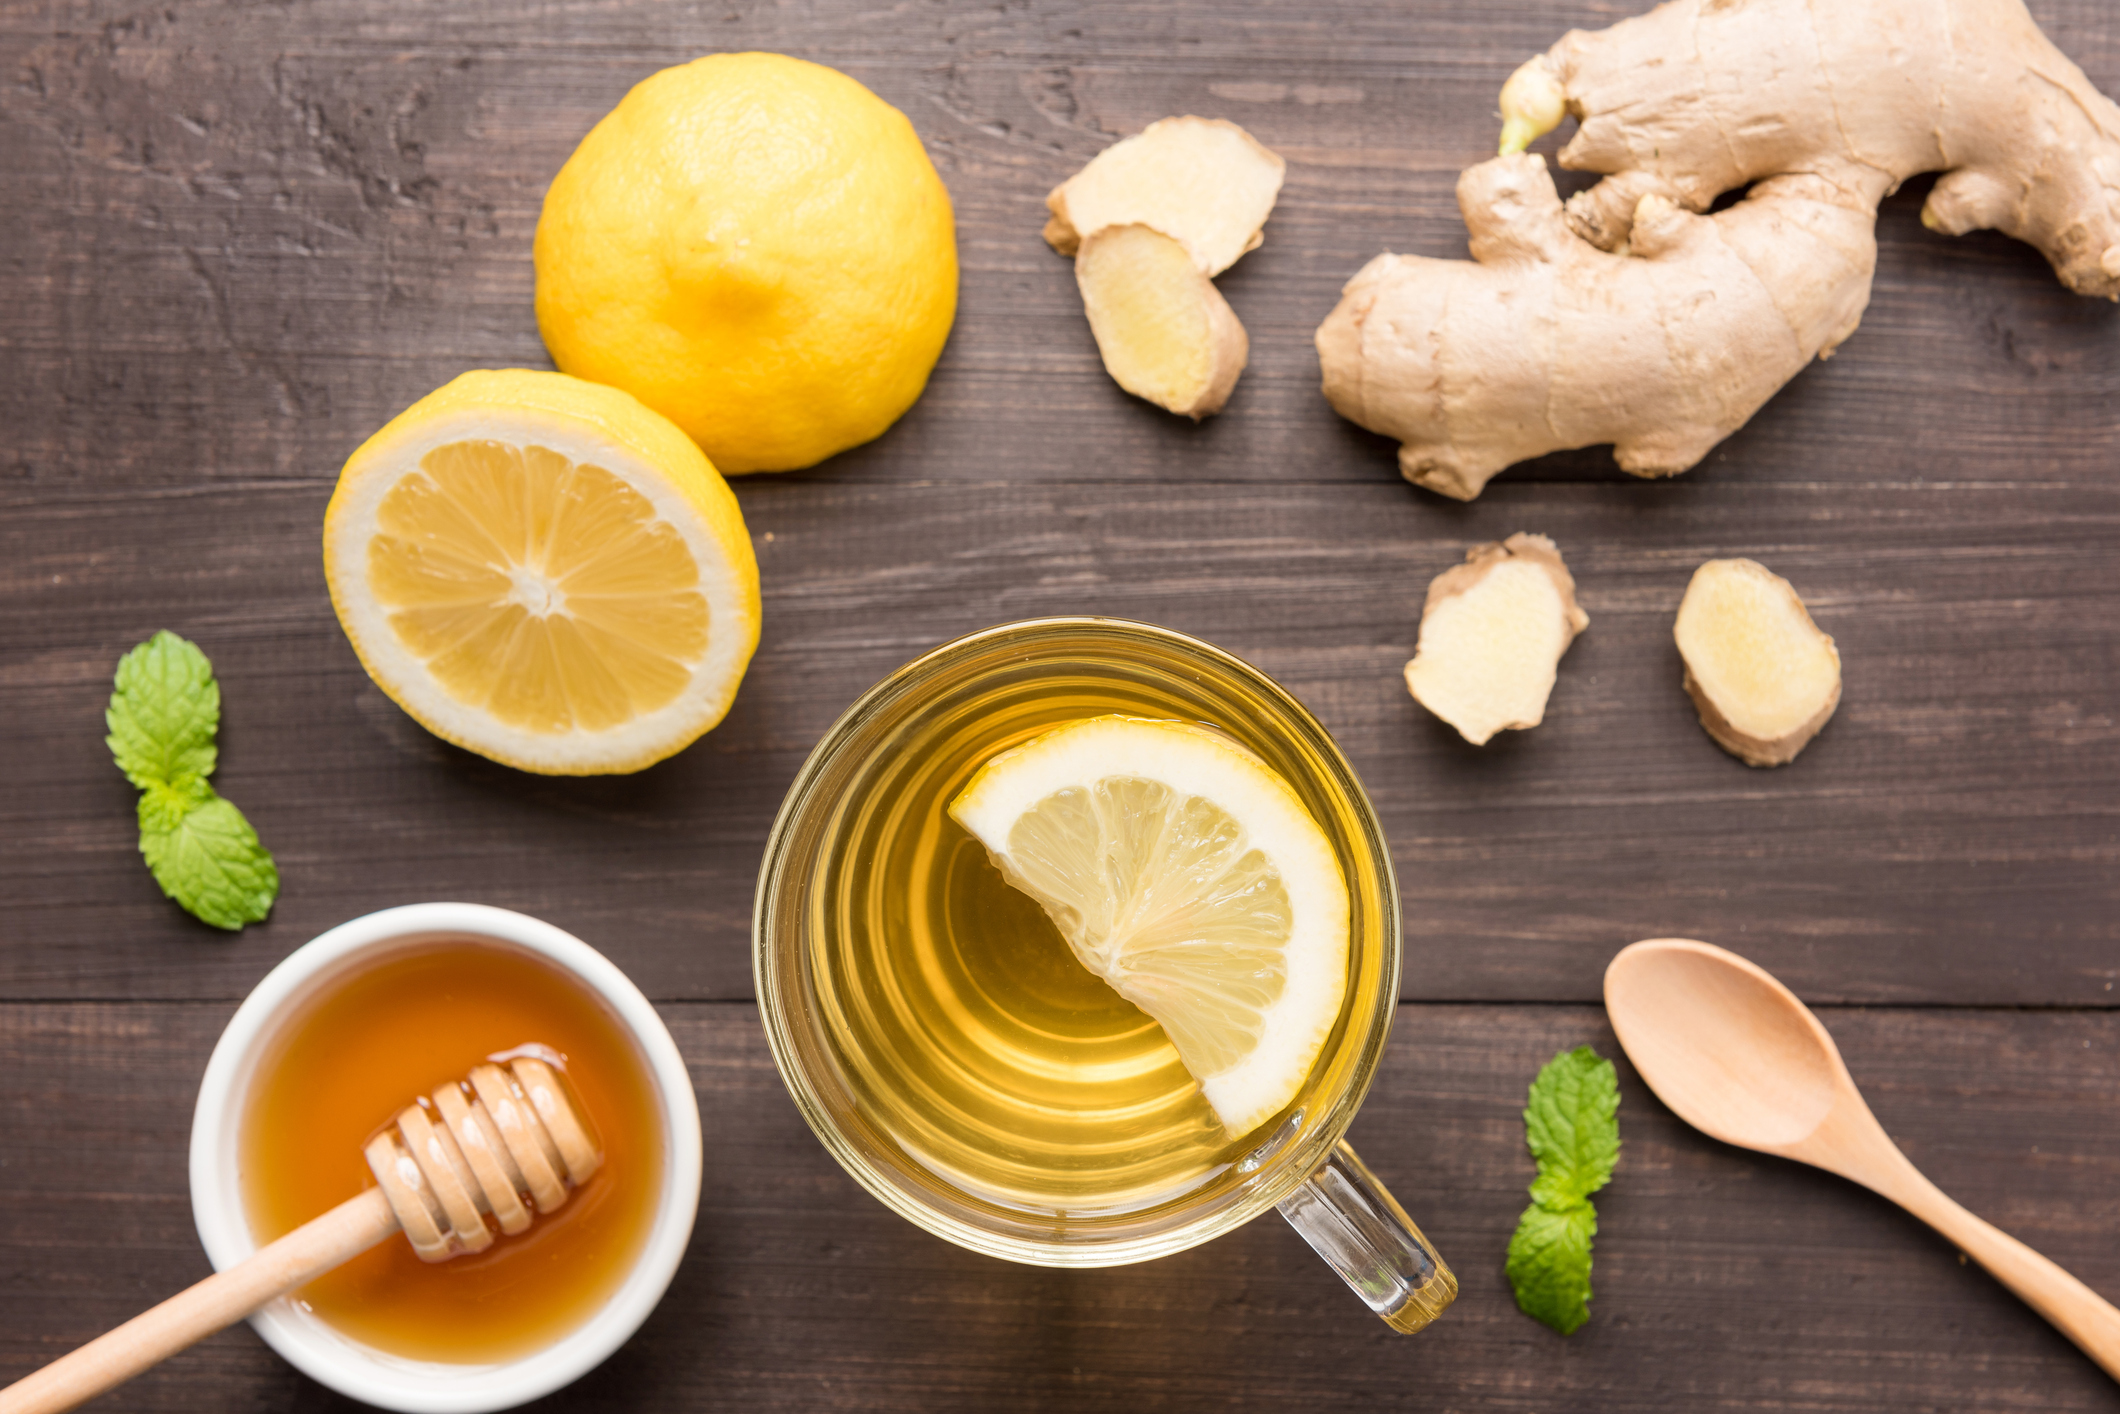 Ingefära, citron och honung